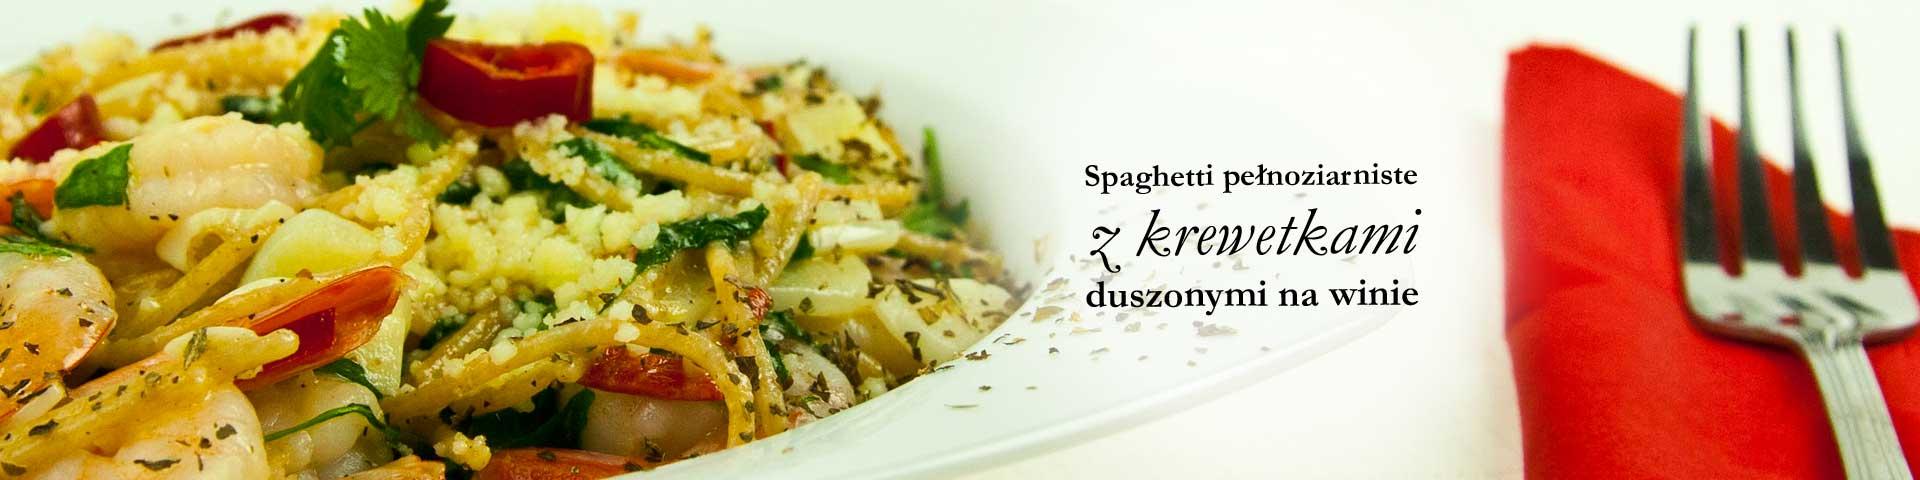 Spaghetti pełnoziarniste z krewetkami duszonymi na winie